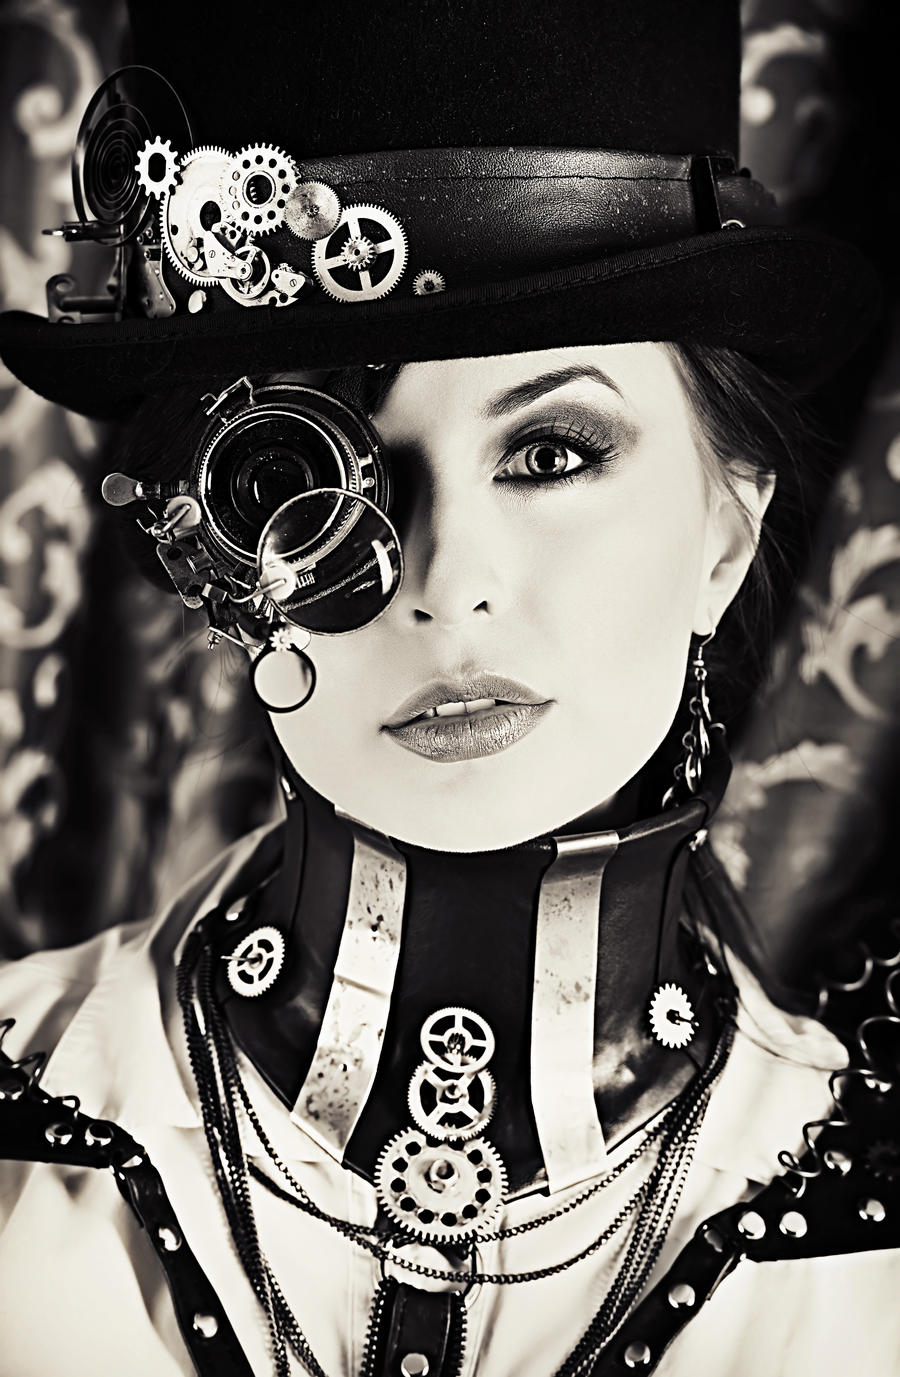 Steampunk portrait by Luria-XXII